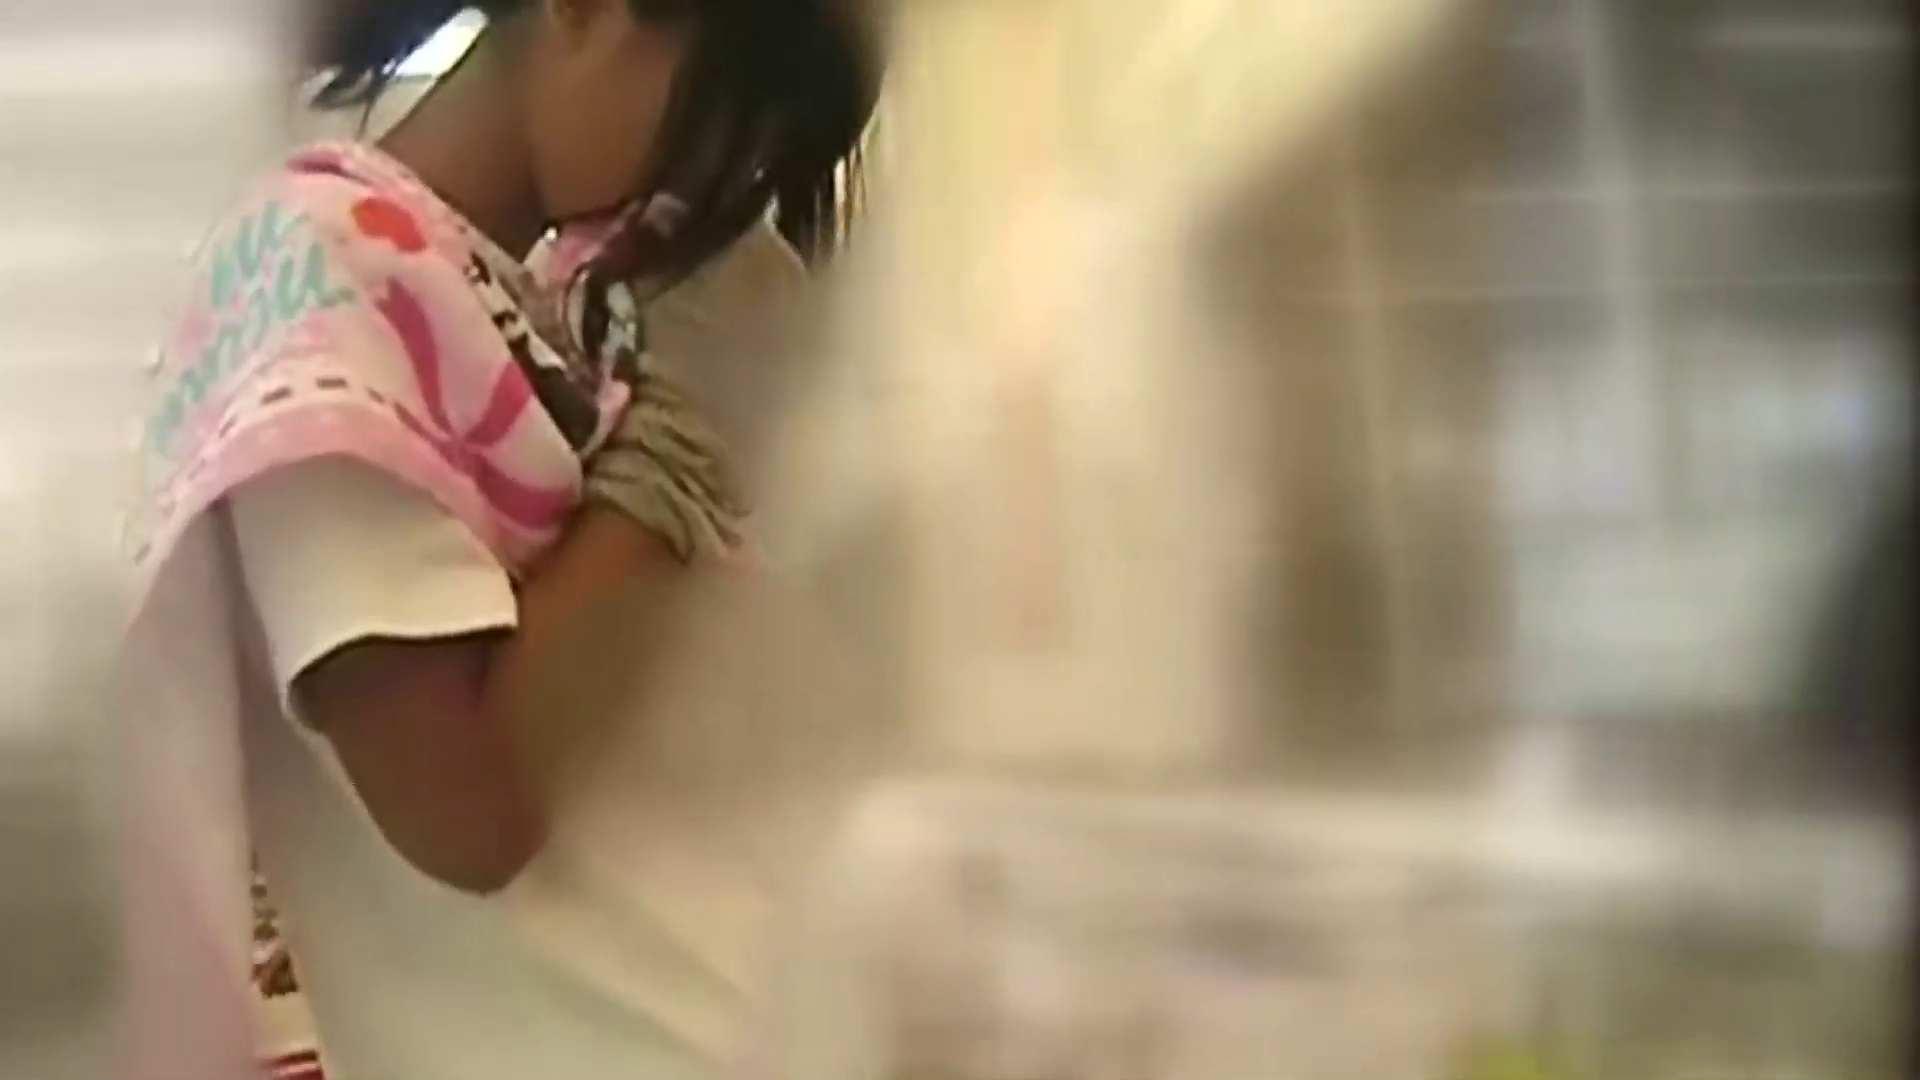 ▲復活限定▲スーパーの女の子 Vol.01 ギャル攻め すけべAV動画紹介 79画像 38